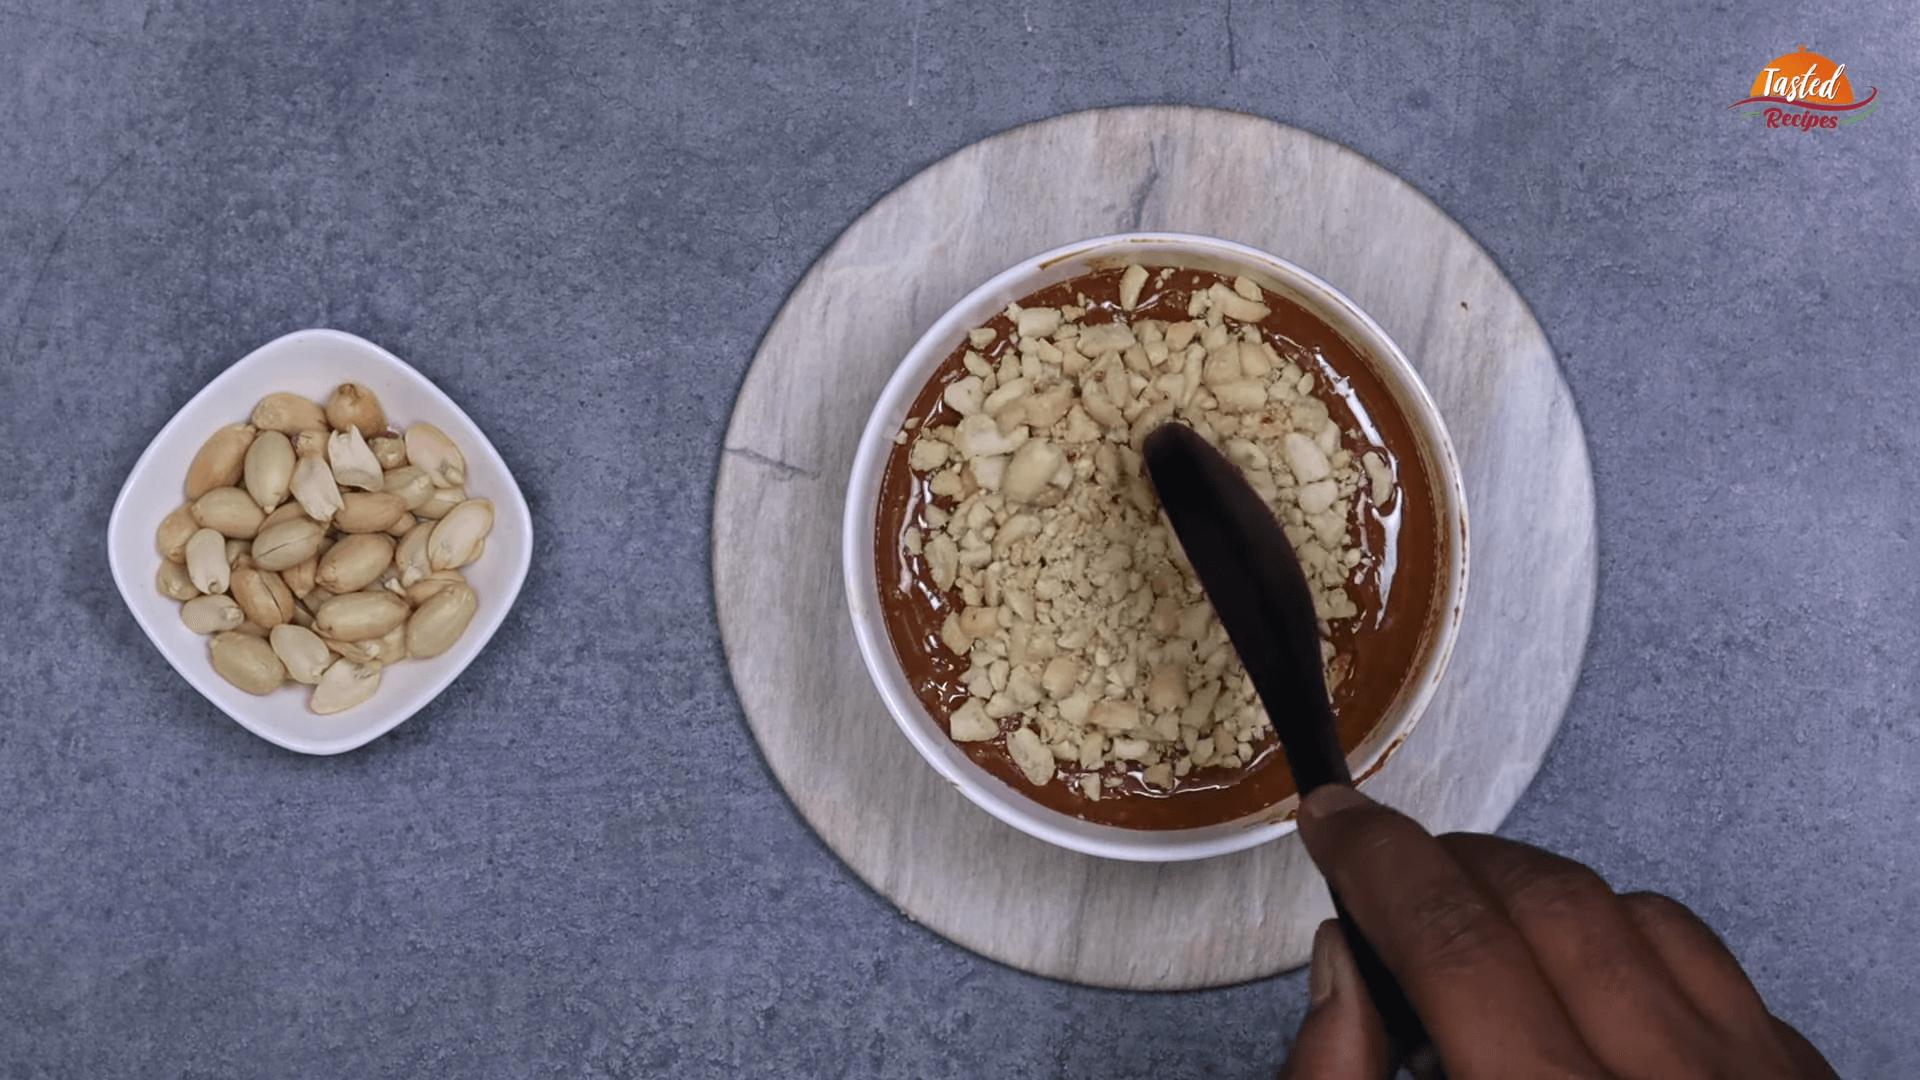 Crunchy Peanut Butter step-5